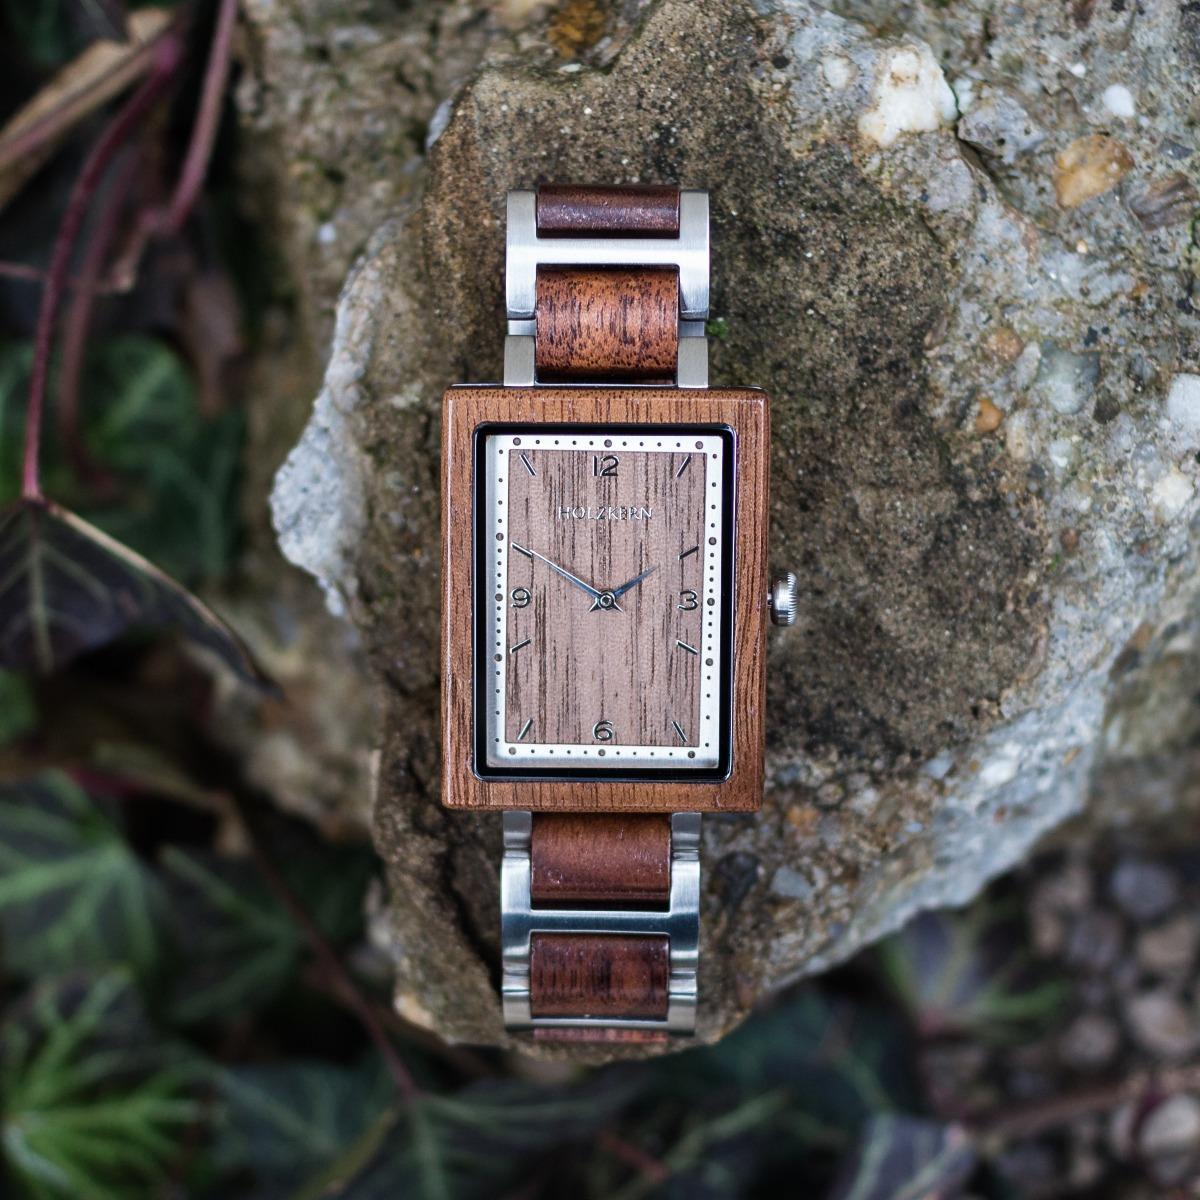 Unser Modell Spagna ist eine eckige Holzuhr aus Walnuss, die im Bild auf einem Felsen liegt